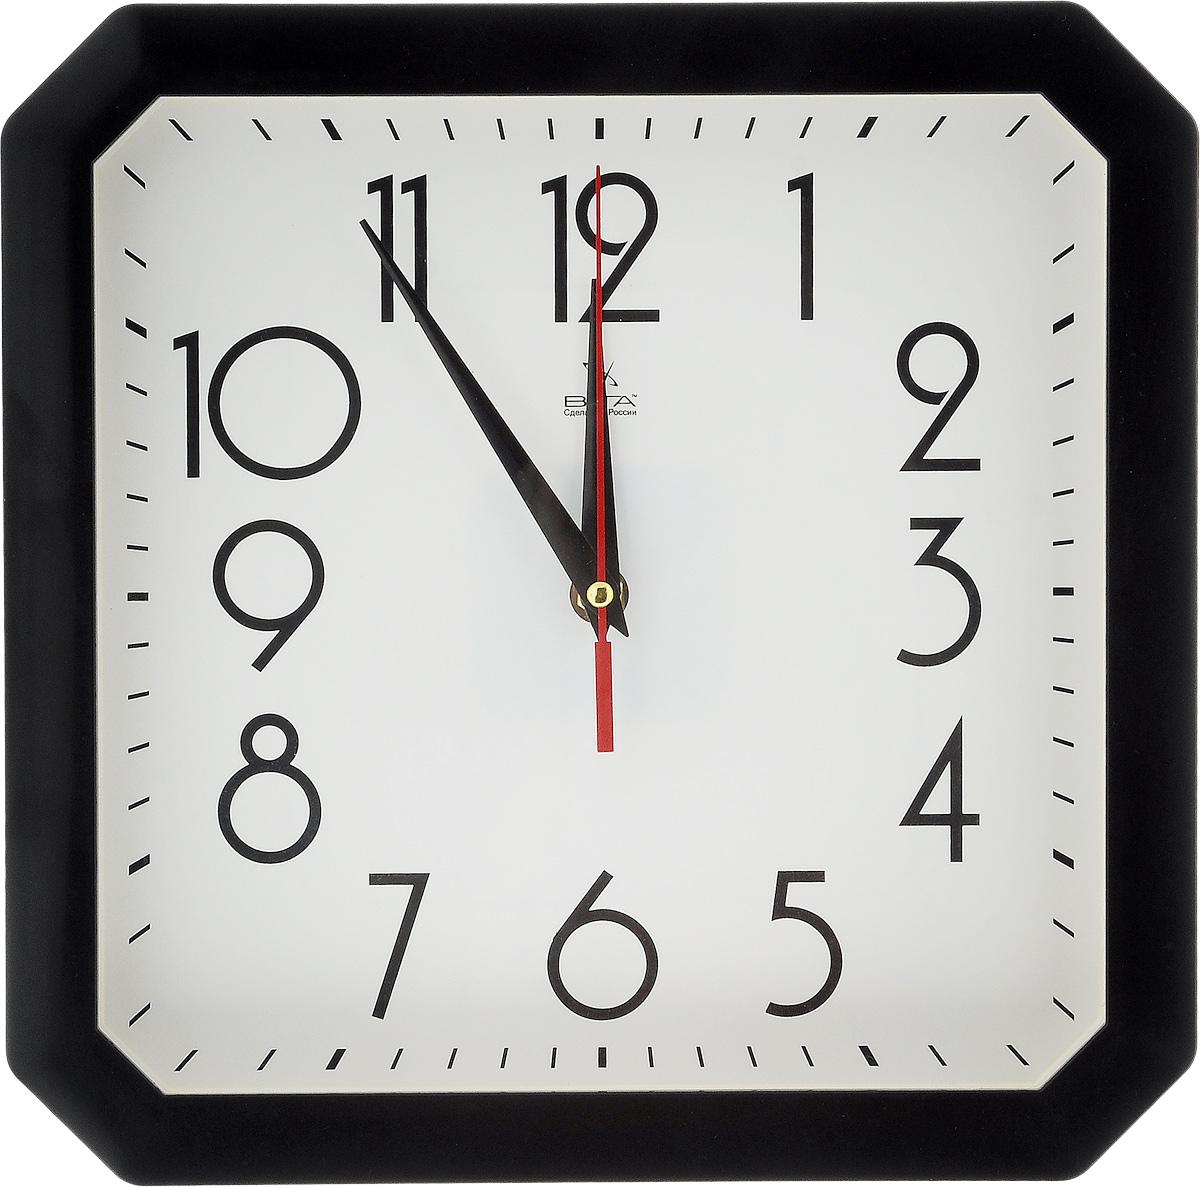 Часы настенные Вега Классика, цвет: черный, белый, 28 х 28 см часы настенные вега классика цвет белый